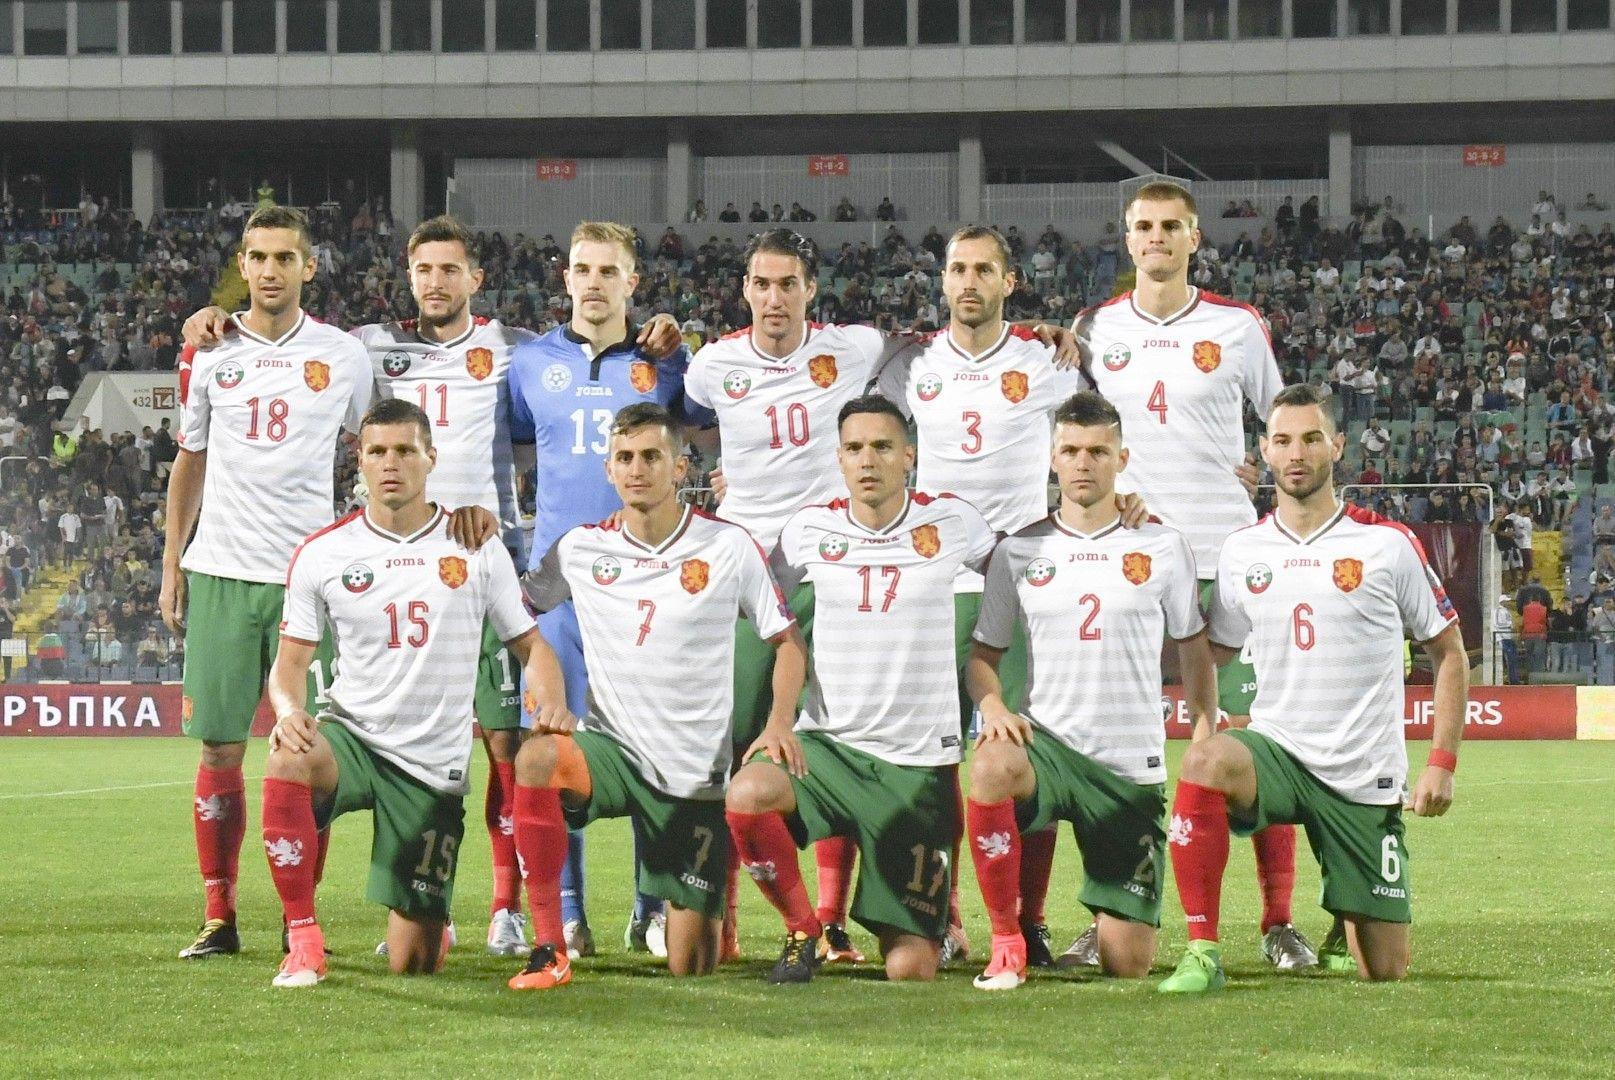 Има ли сили България за втора победа? (анкета)